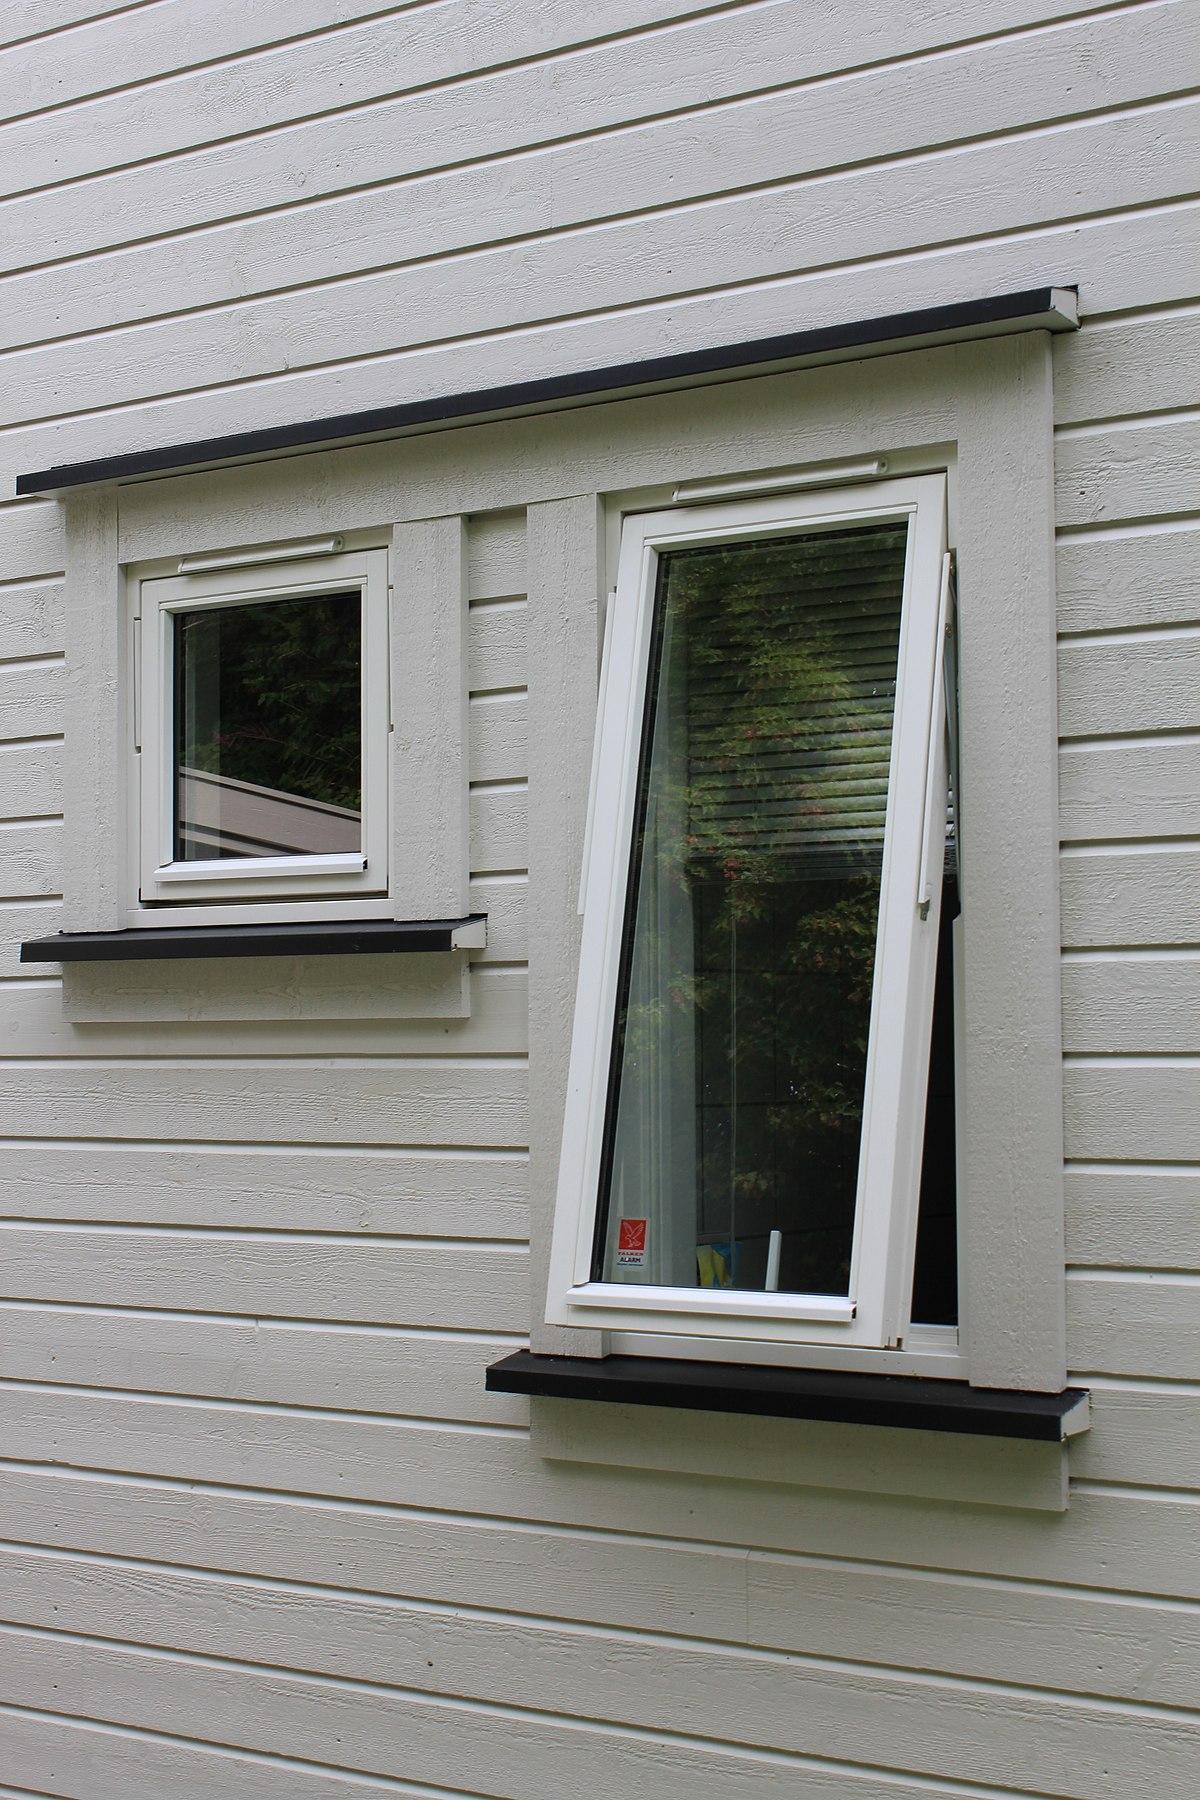 awning window - Wiktionary